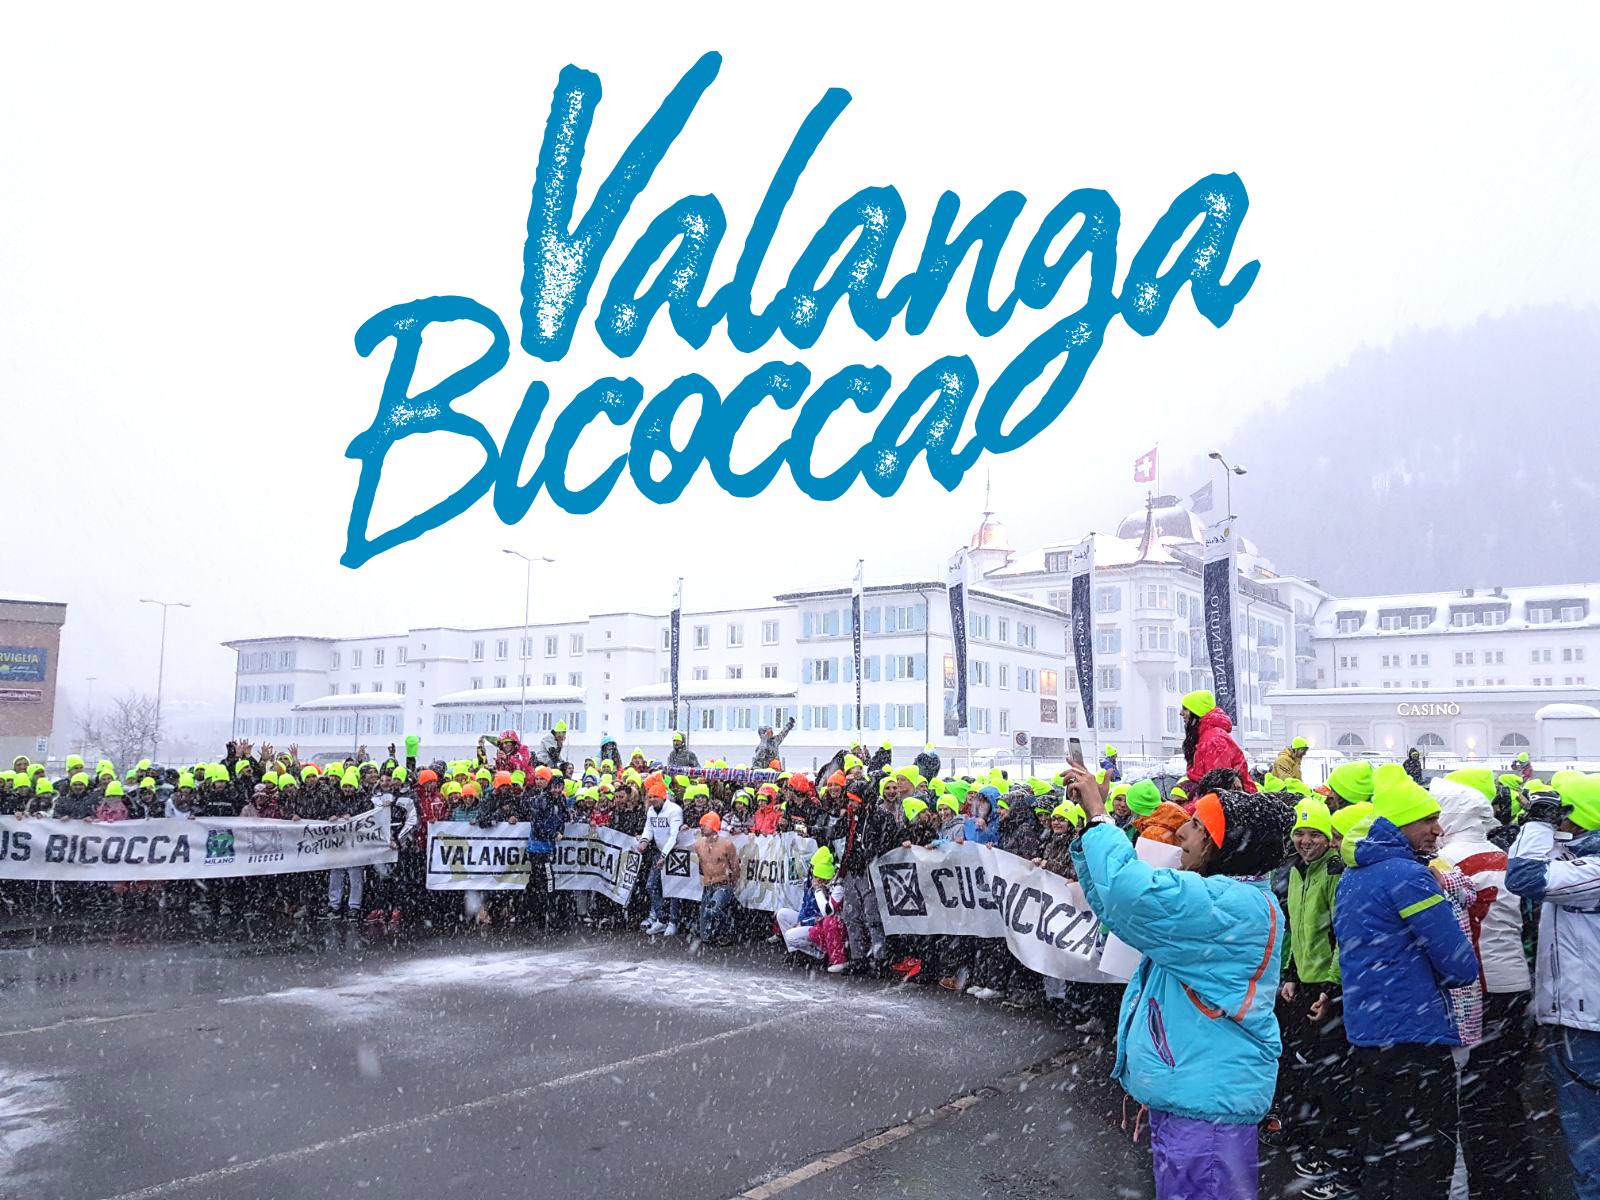 Valanga Bicocca 2018 - CUS Bicocca